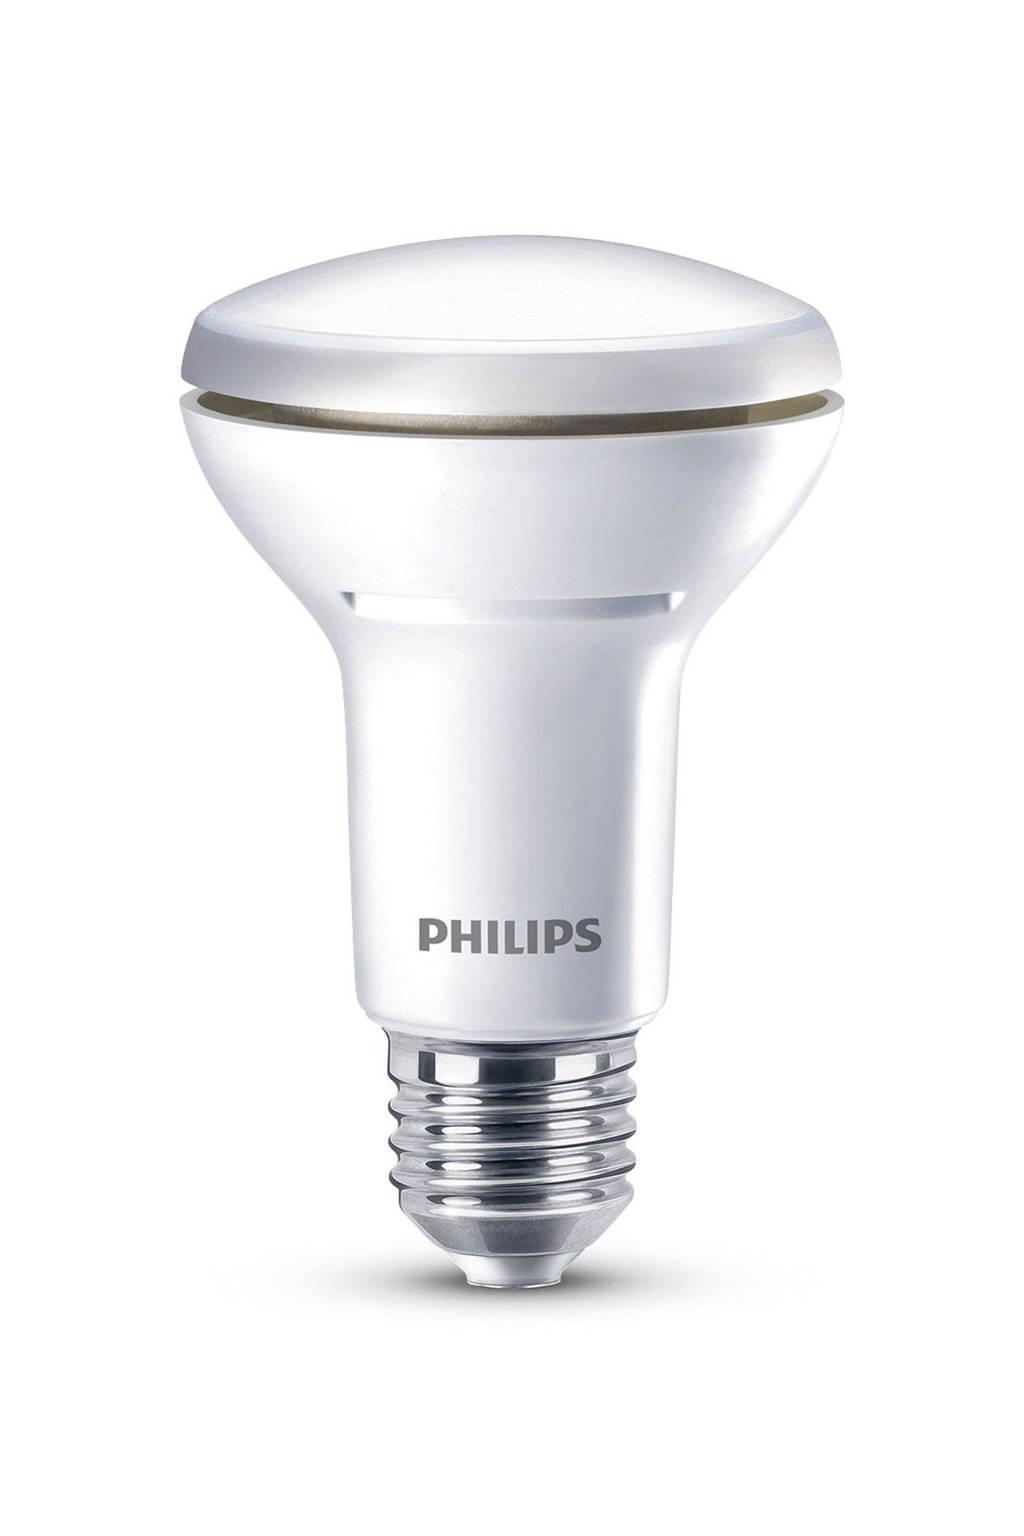 Philips dimbare LED lamp (60W E27)